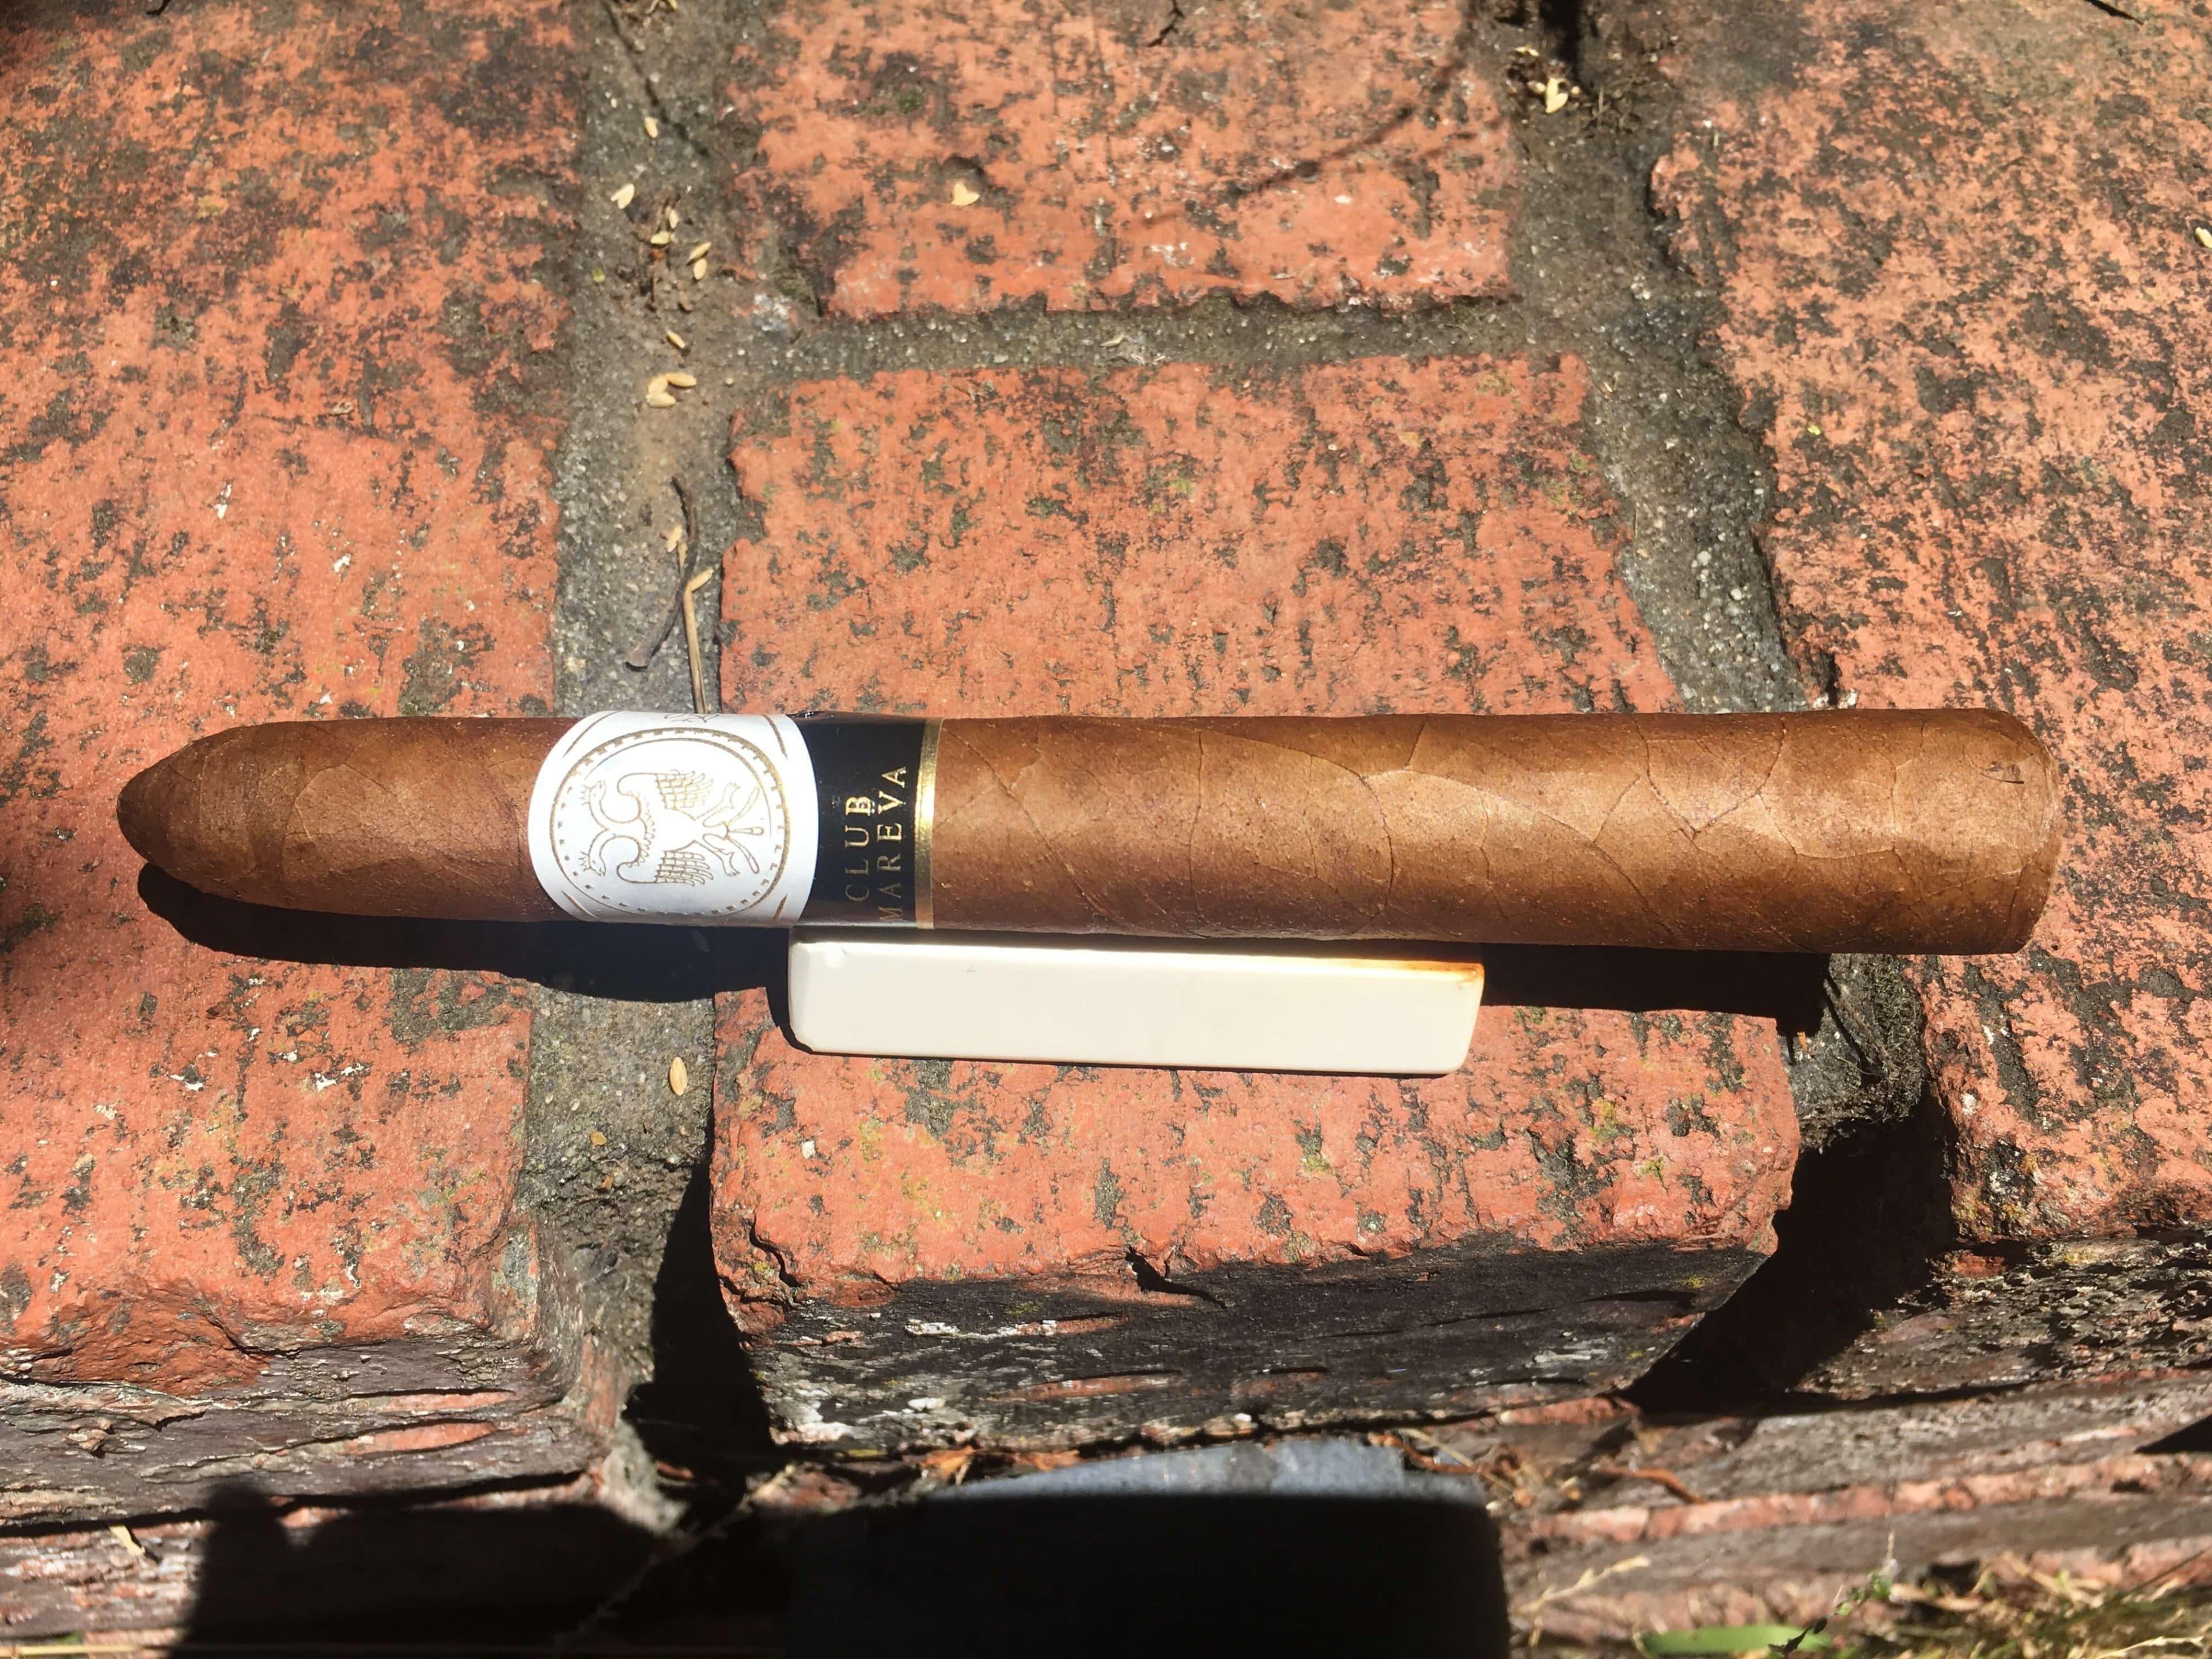 Quick Cigar Review: Casdagli   Limited Edition Spalato Club Mareva